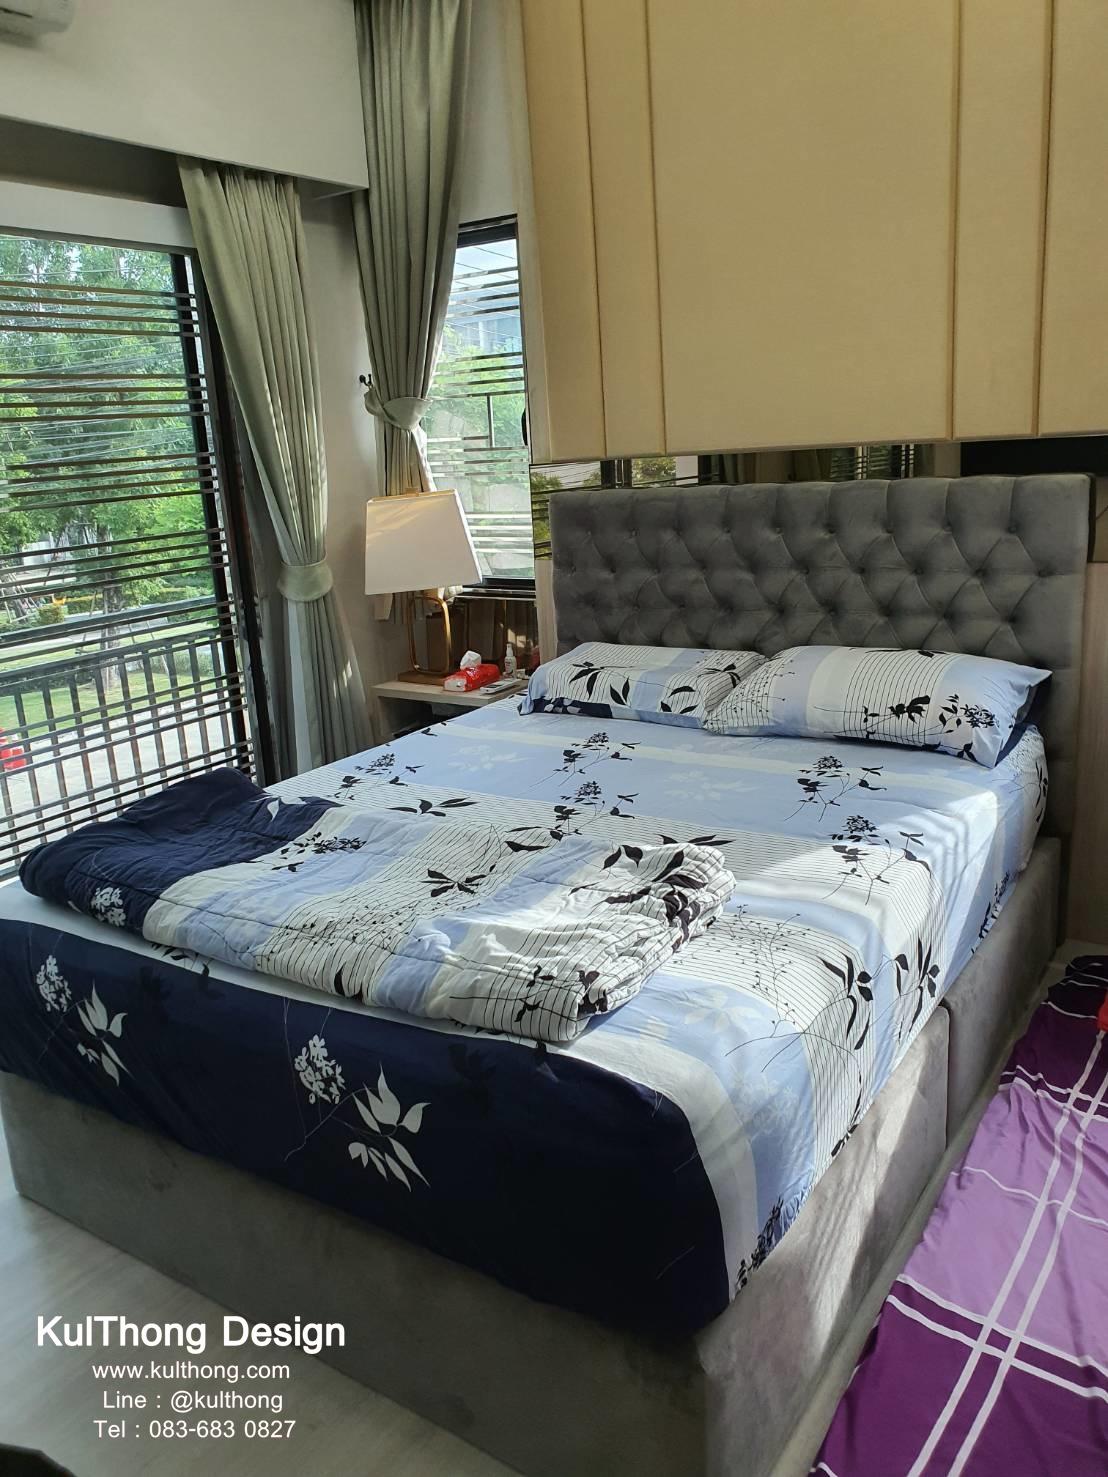 ฐานรองที่นอน เตียงดีไซน์ เตียงหุ้มผ้ากำมะหยี่